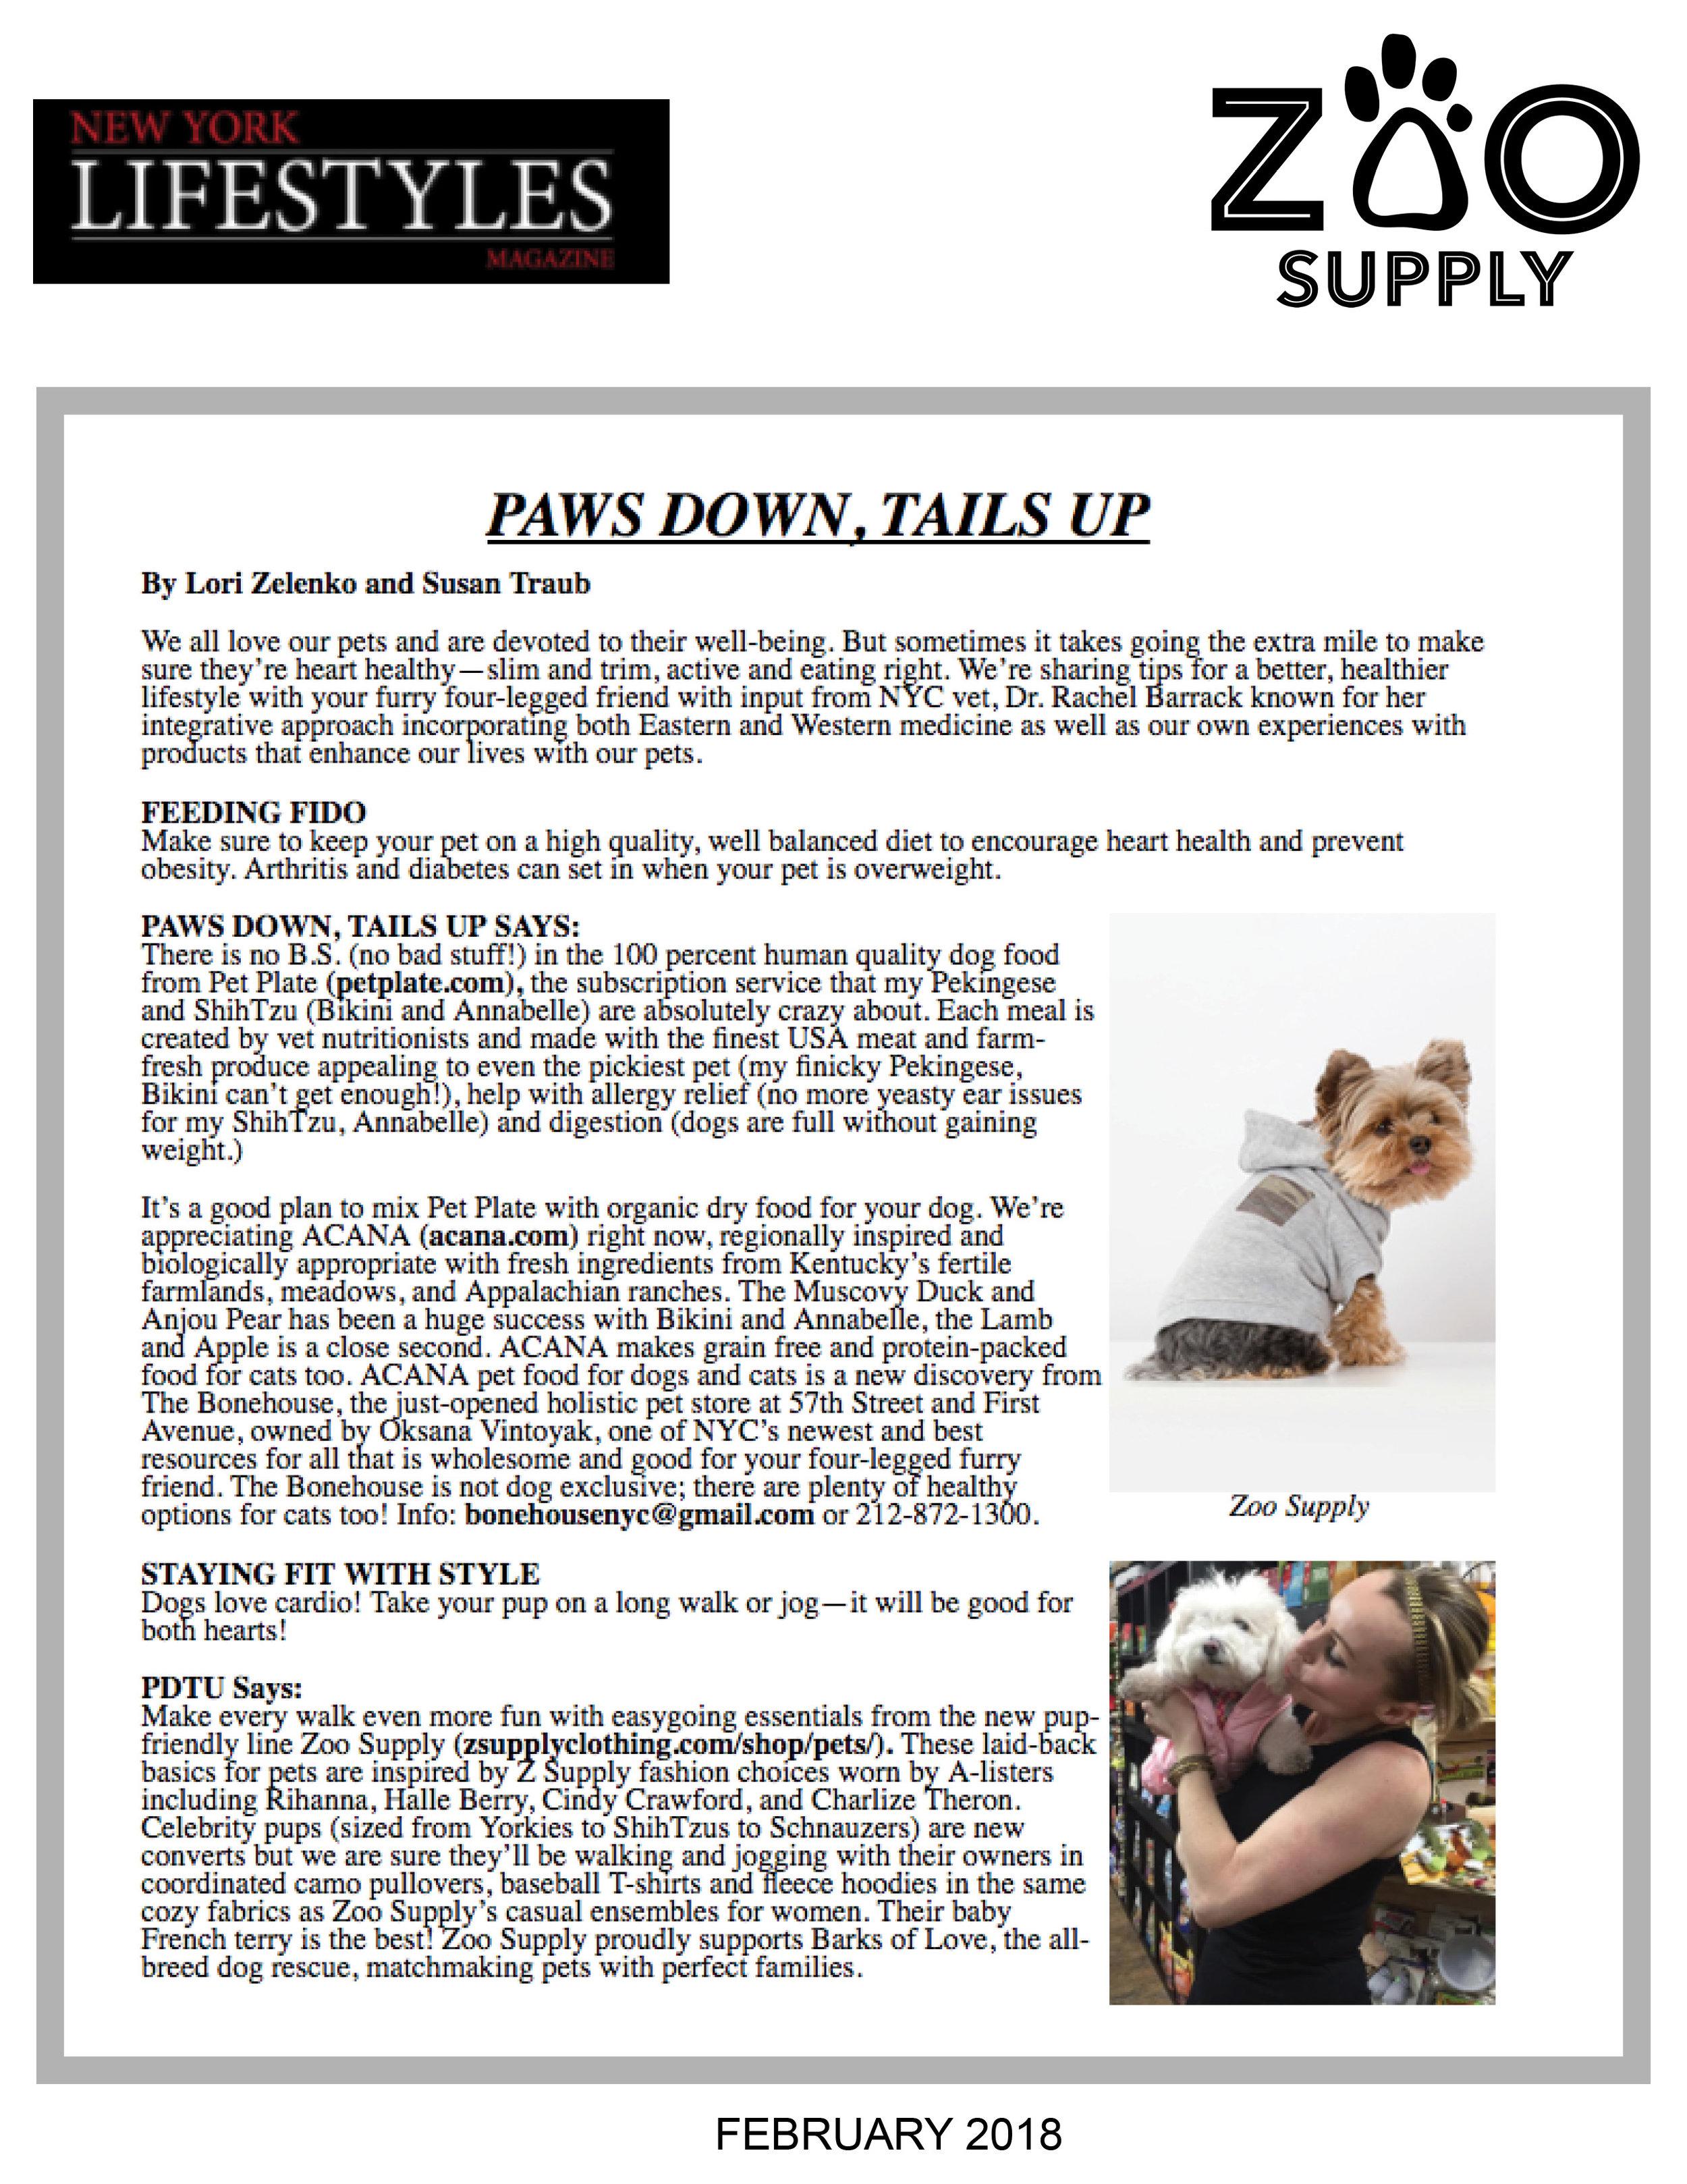 ZooSupply_NewYorkLifestyles2_February2018.jpg